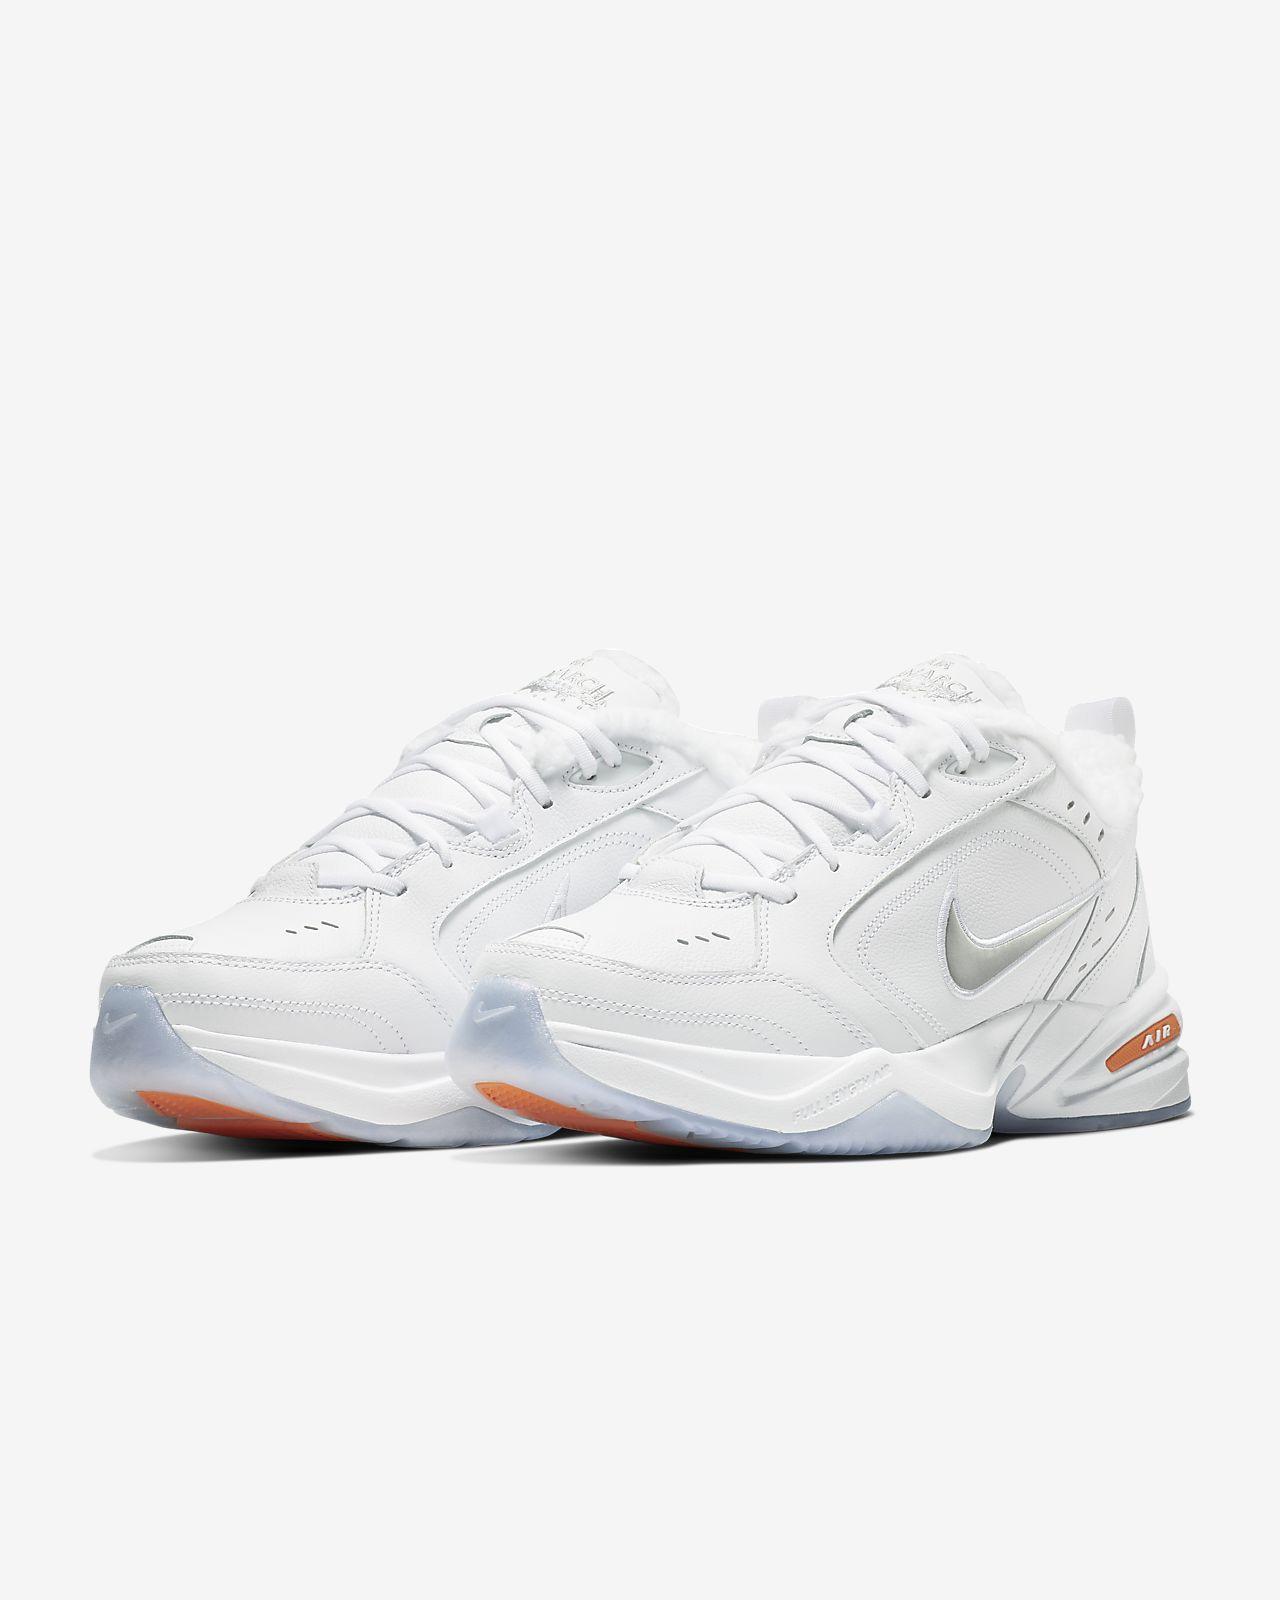 75518de6f25 Nike Air Monarch IV PR Men s Shoe. Nike.com GB